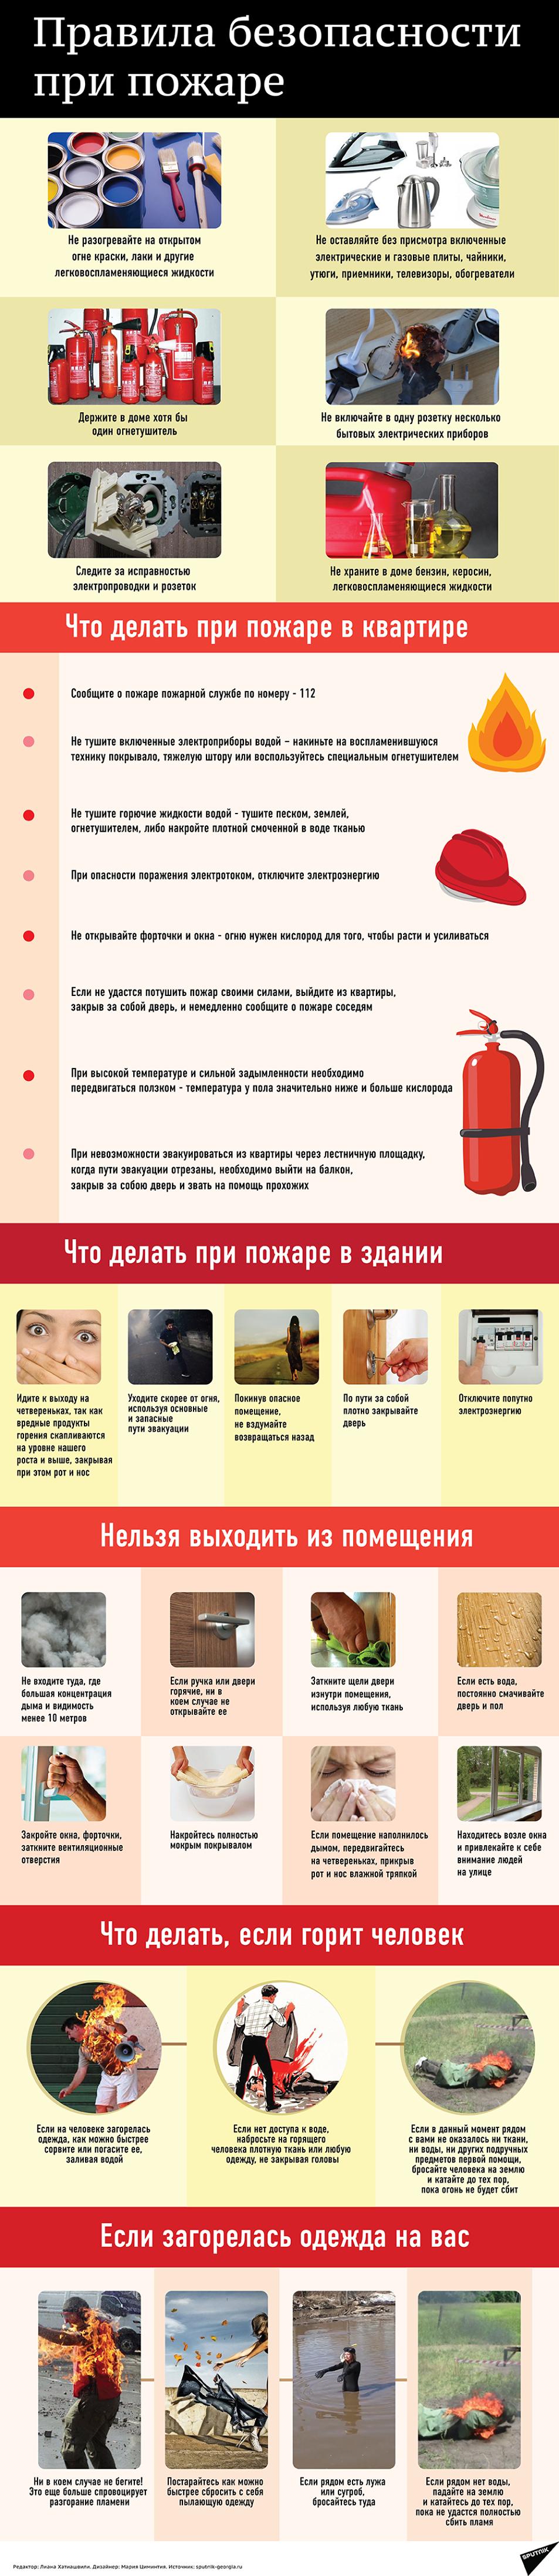 Правила безопасности при пожаре